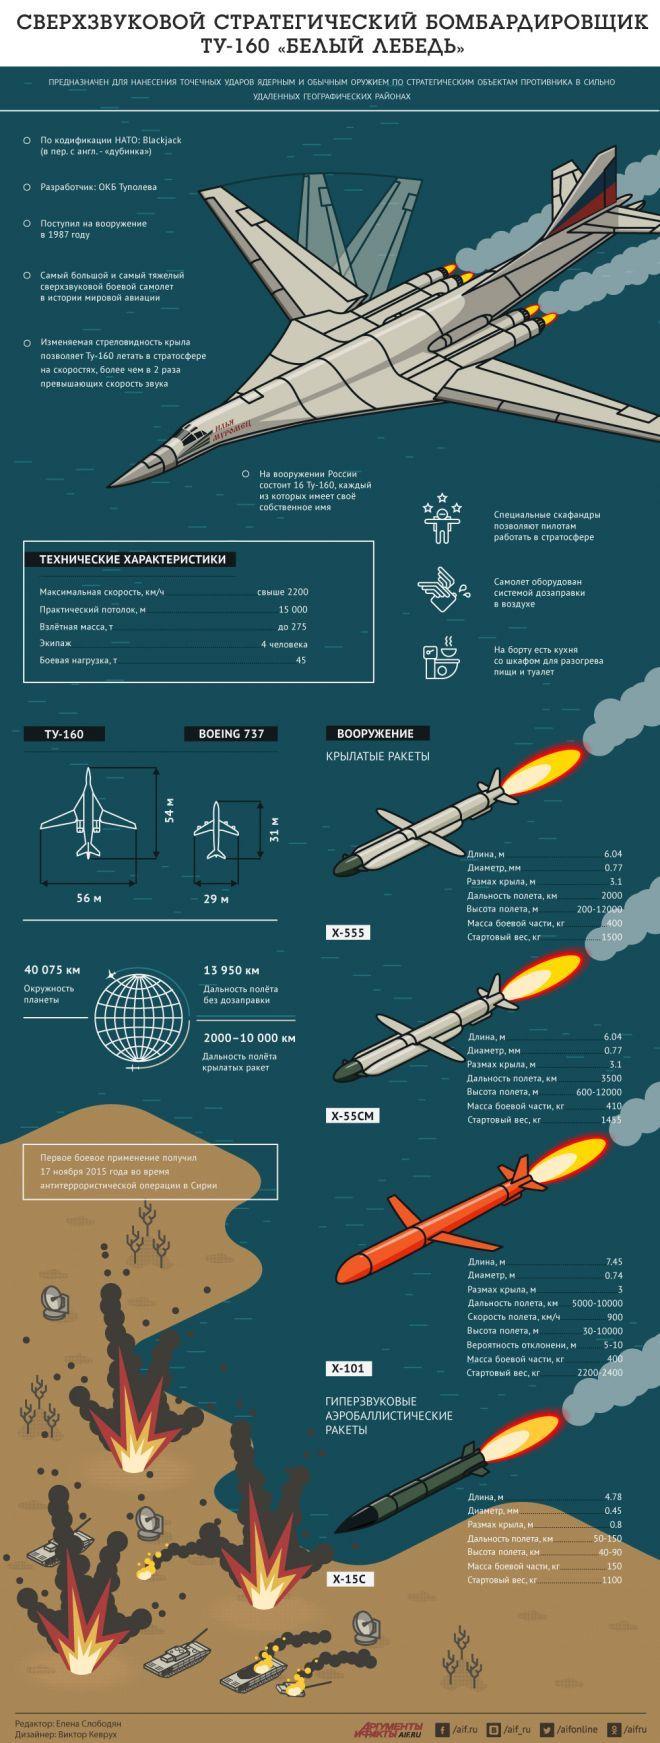 Сверхзвуковой бомбардировщик Ту-160 «Белый лебедь». Инфографика   Инфографика   Вопрос-Ответ   Аргументы и Факты